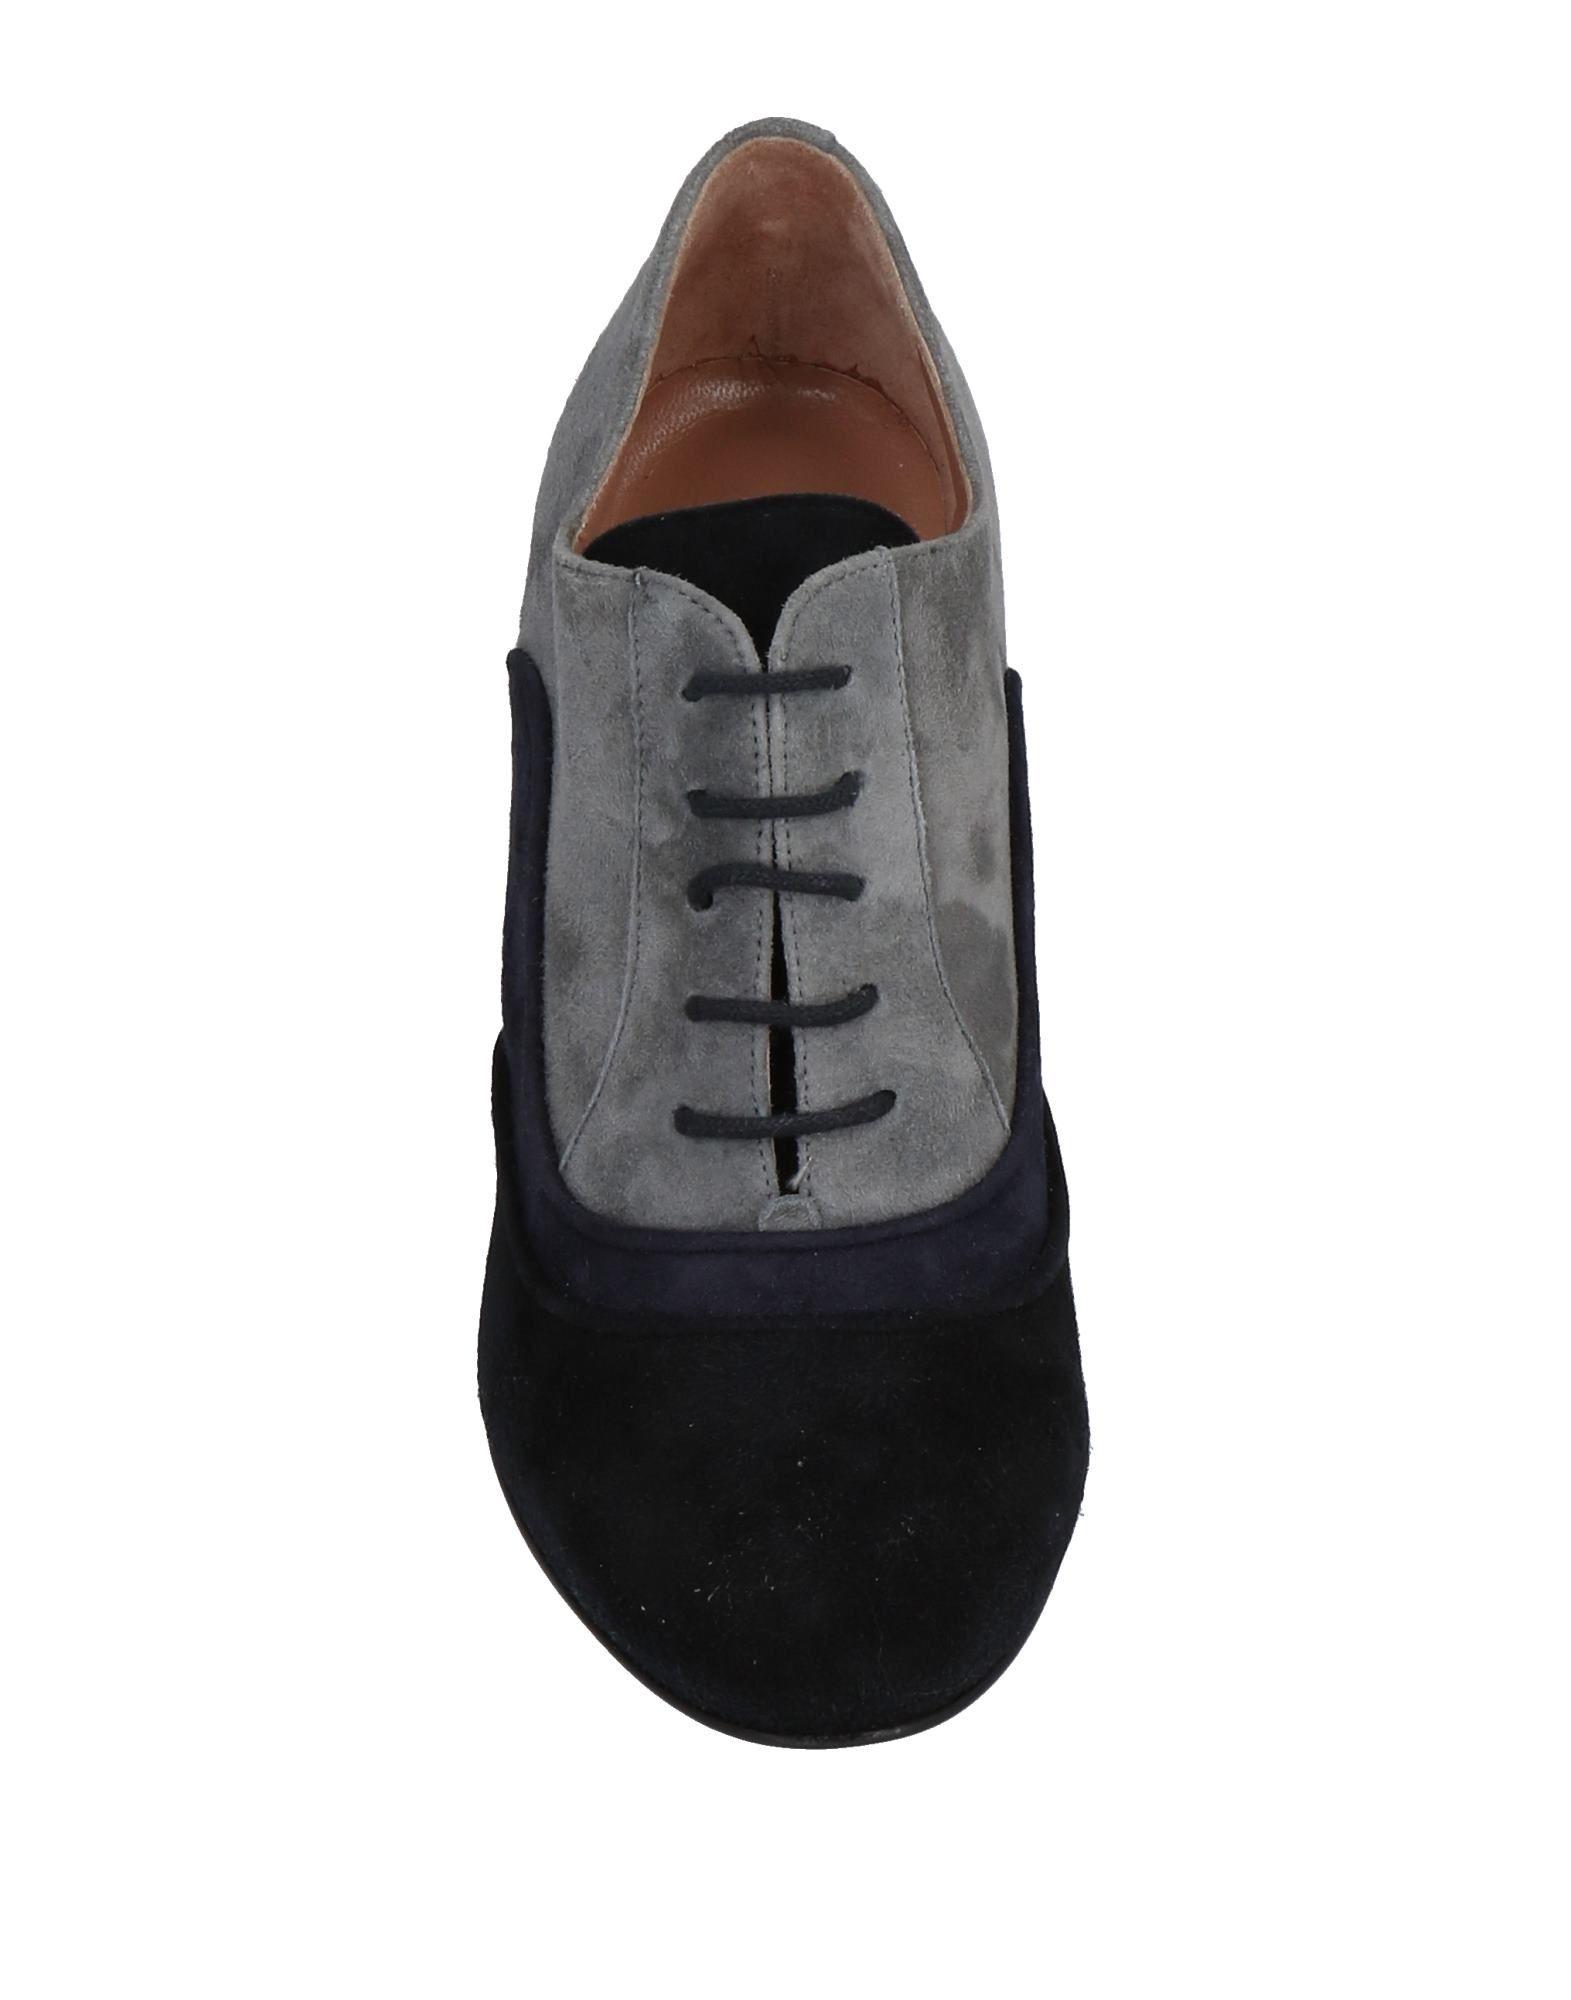 Stilvolle billige Schuhe Damen L' Autre Chose Schnürschuhe Damen Schuhe  11486476NH e662b4